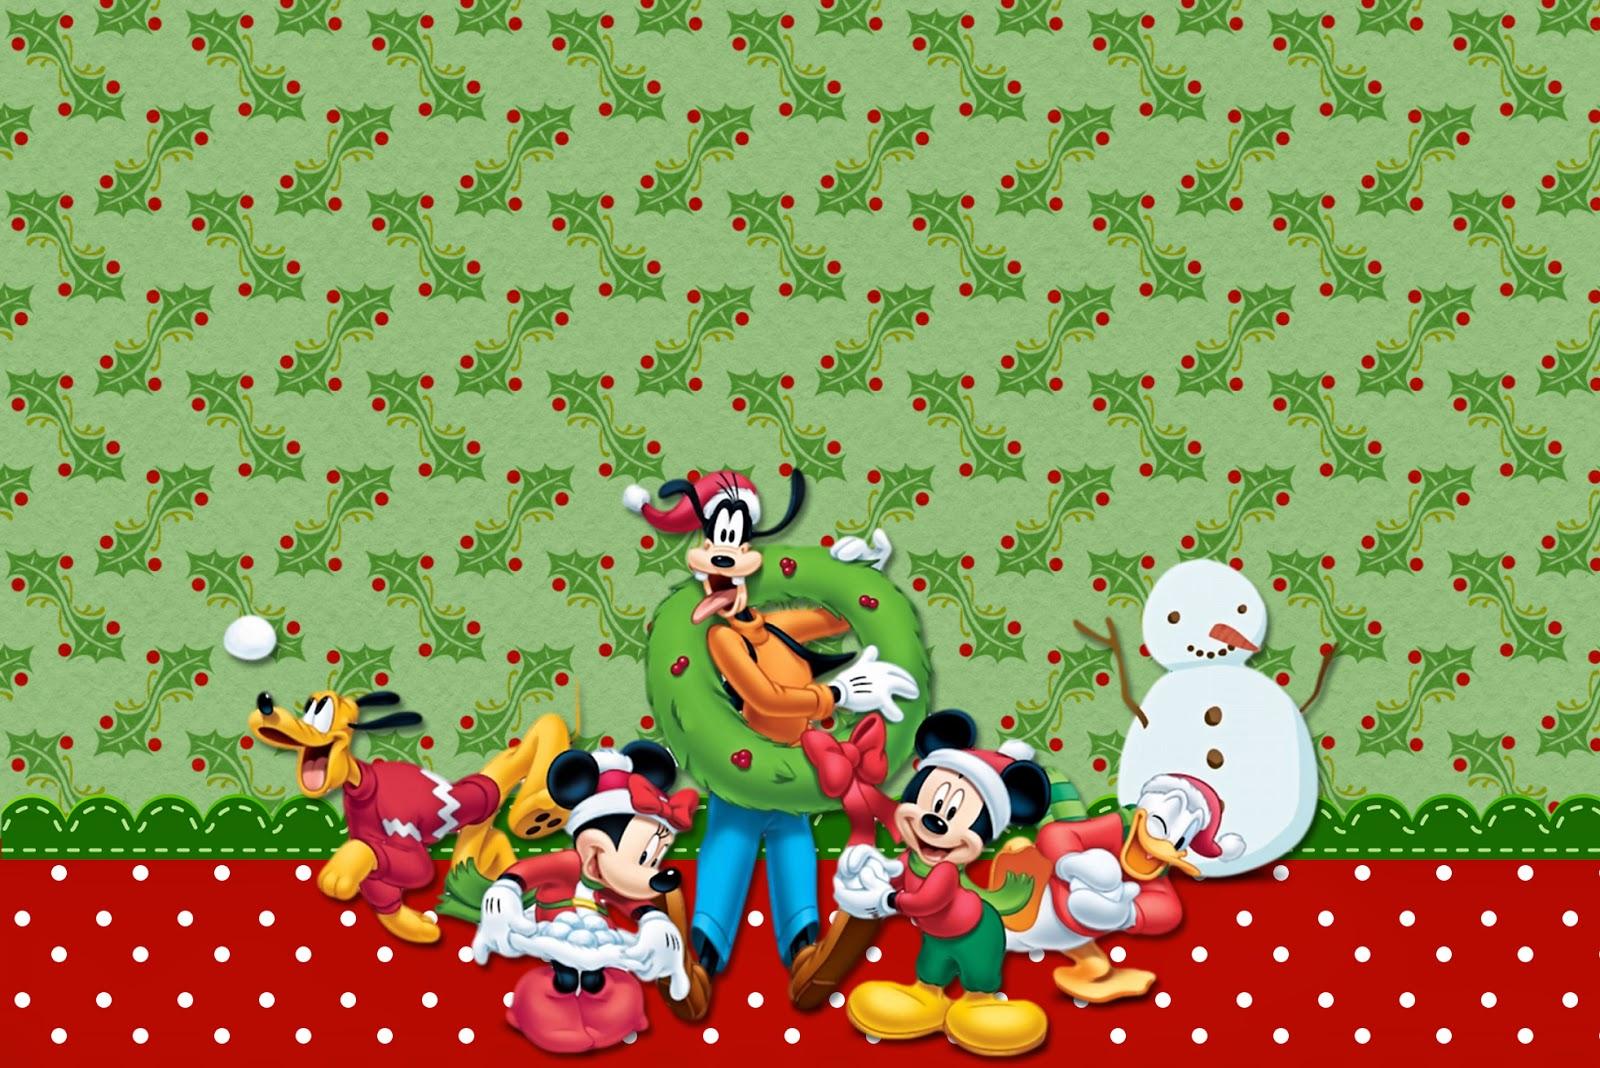 Como Hacer Una Tarjeta Navidea. Tarjetas De Navidad Hechas A Mano ...